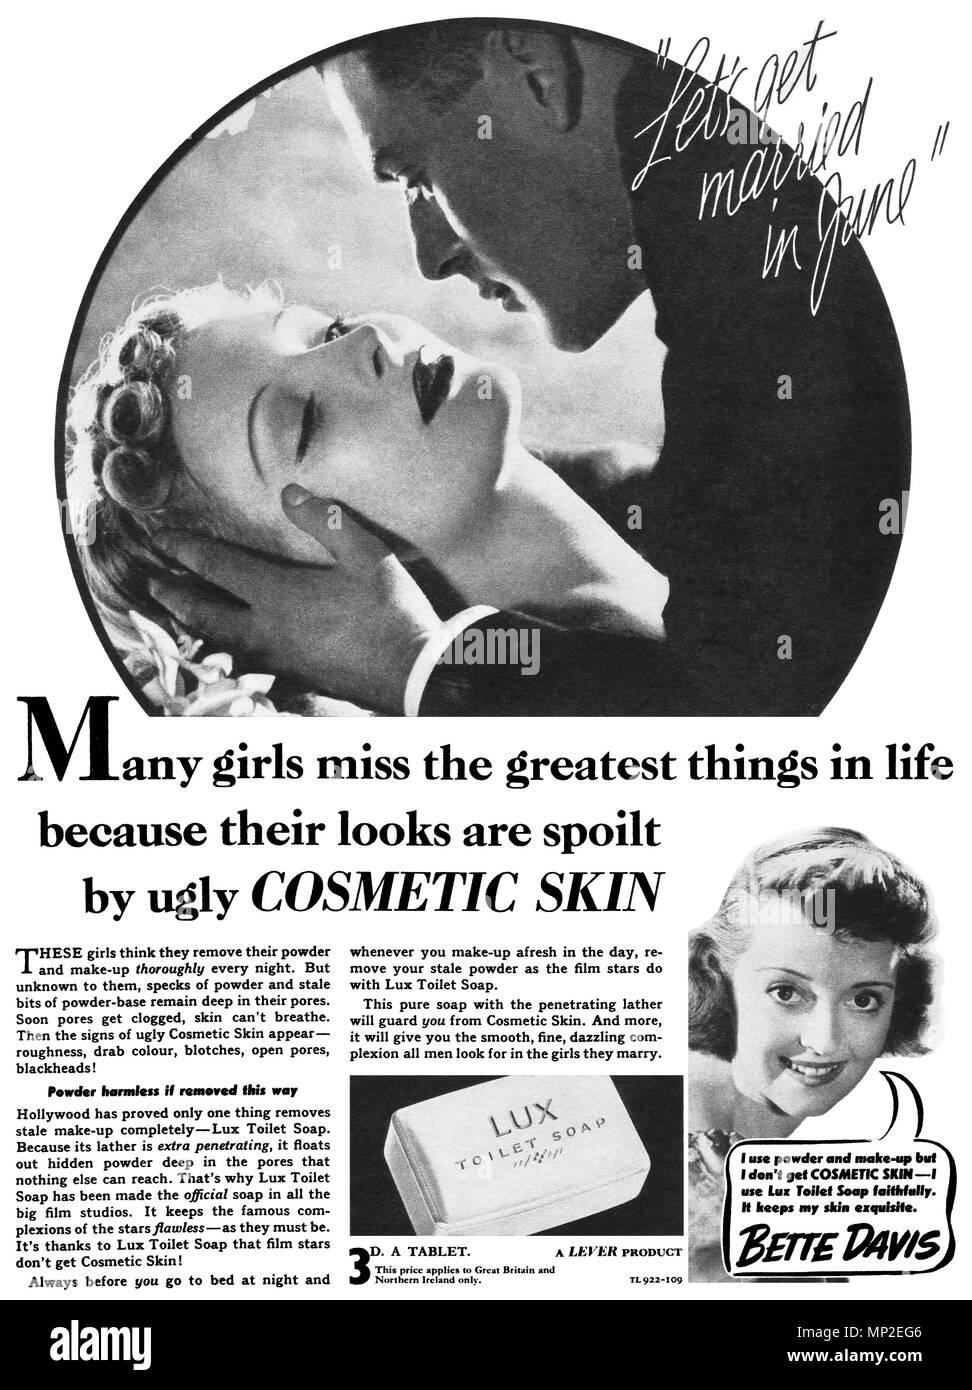 1938 britischen Werbung für Lux Seife, mit Schauspielerin Bette Davis. Stockbild